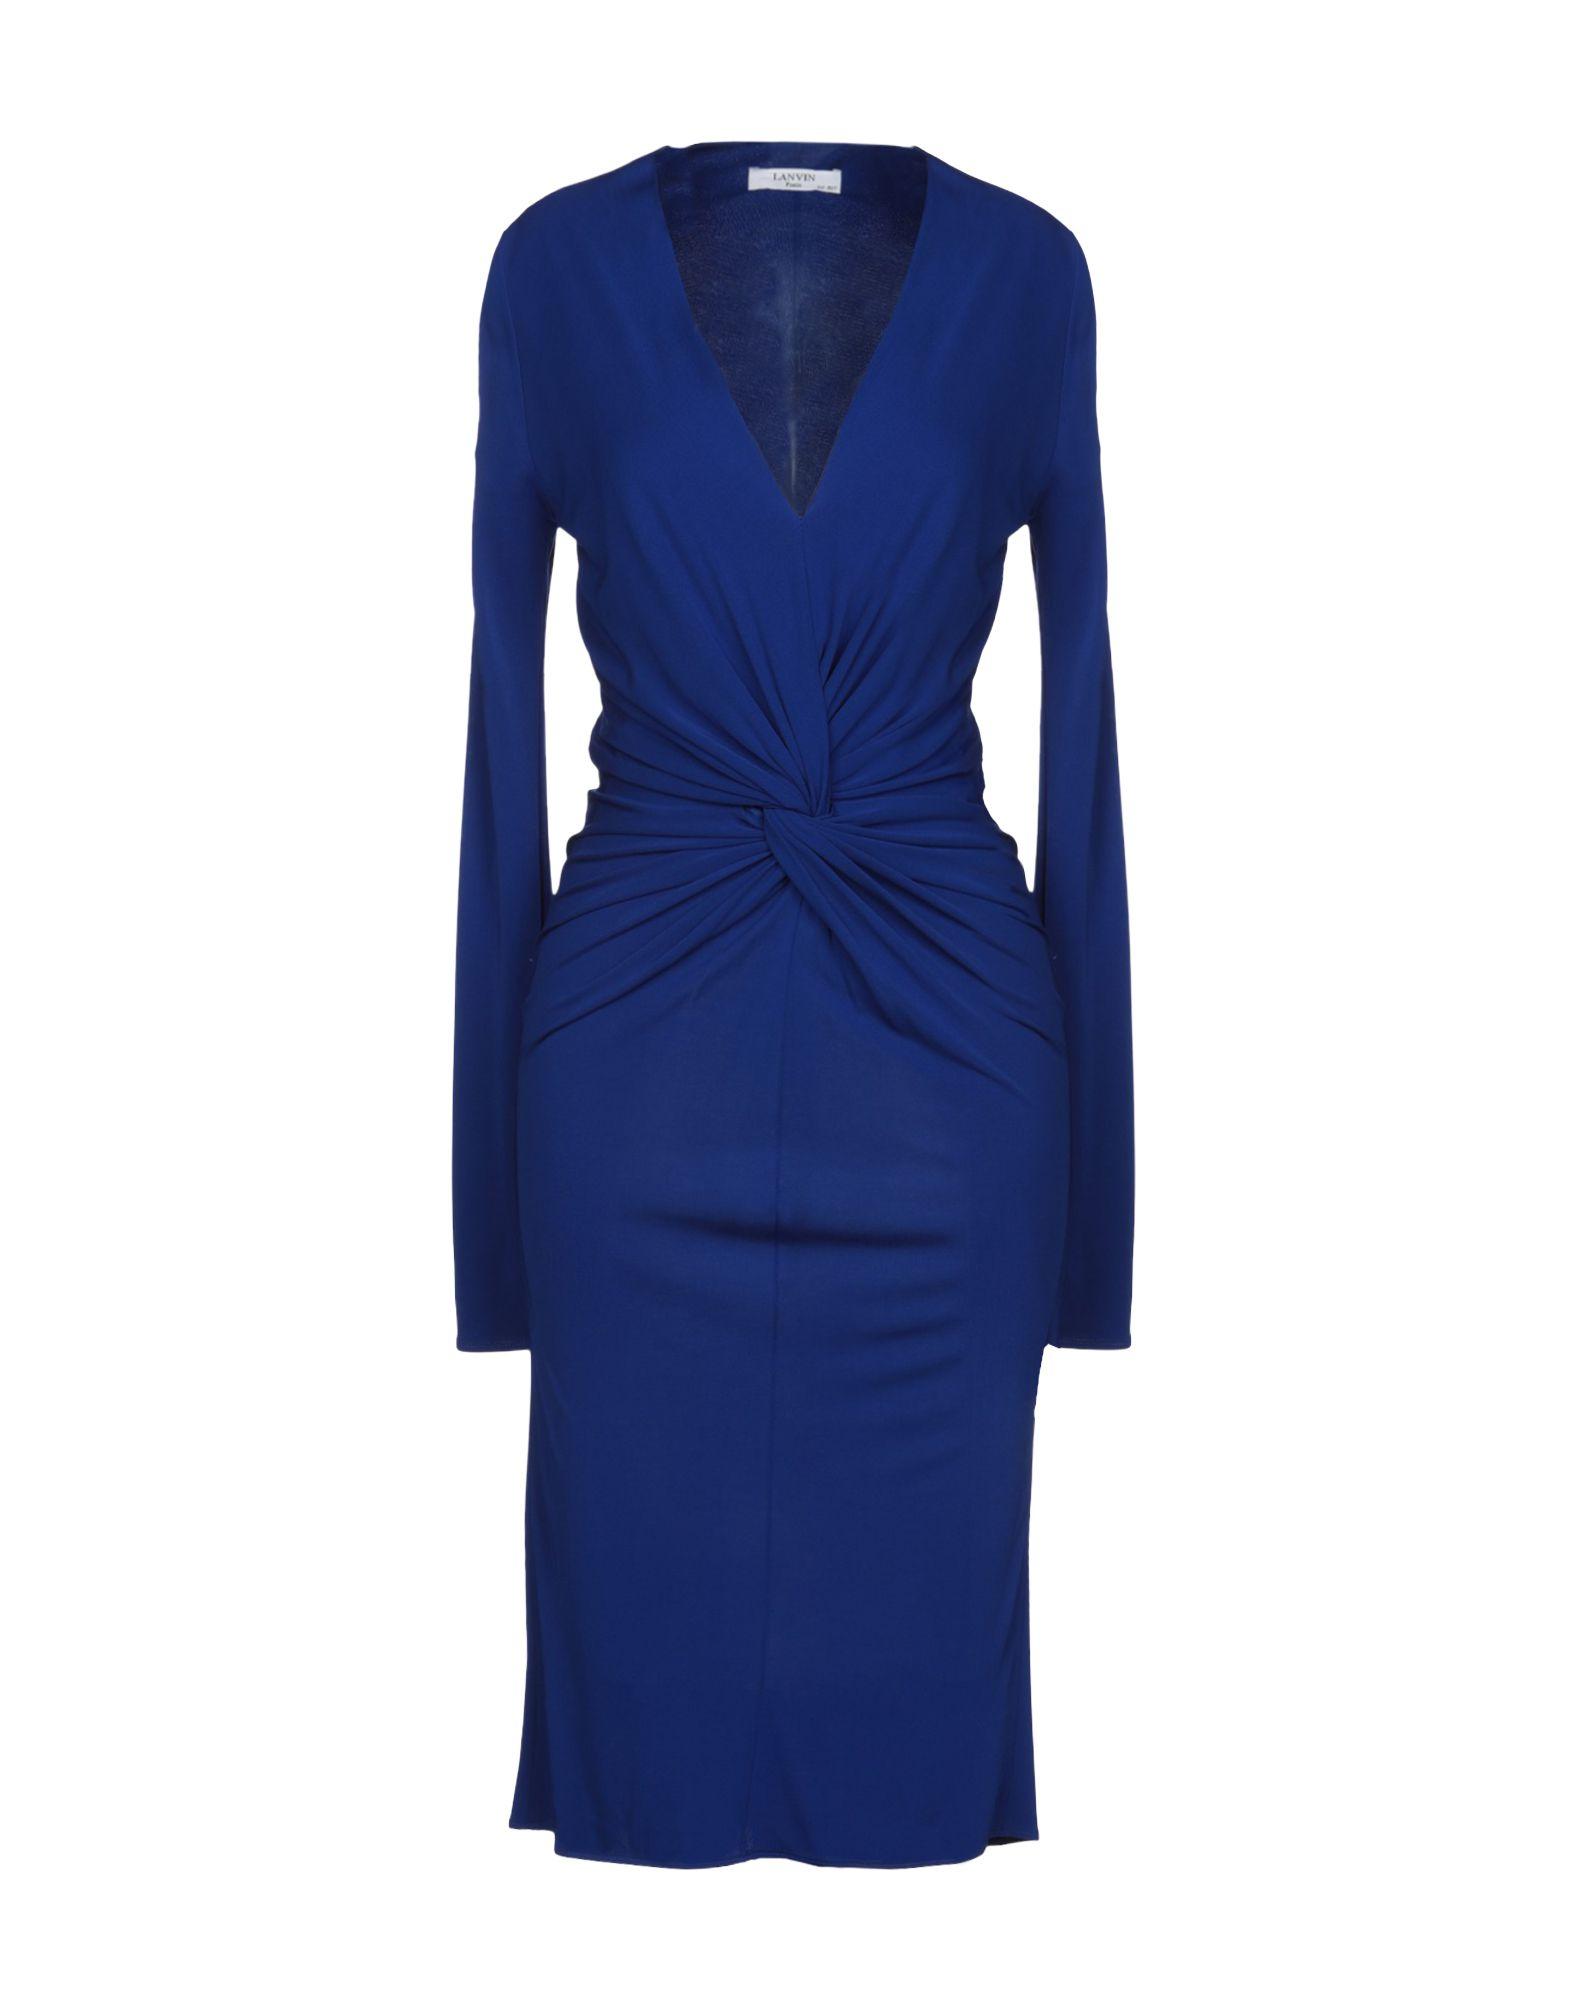 LANVIN Платье до колена v216b1 l01 lta216at01 claa216wa01 claa220wa01 t216xw01 lcd screen